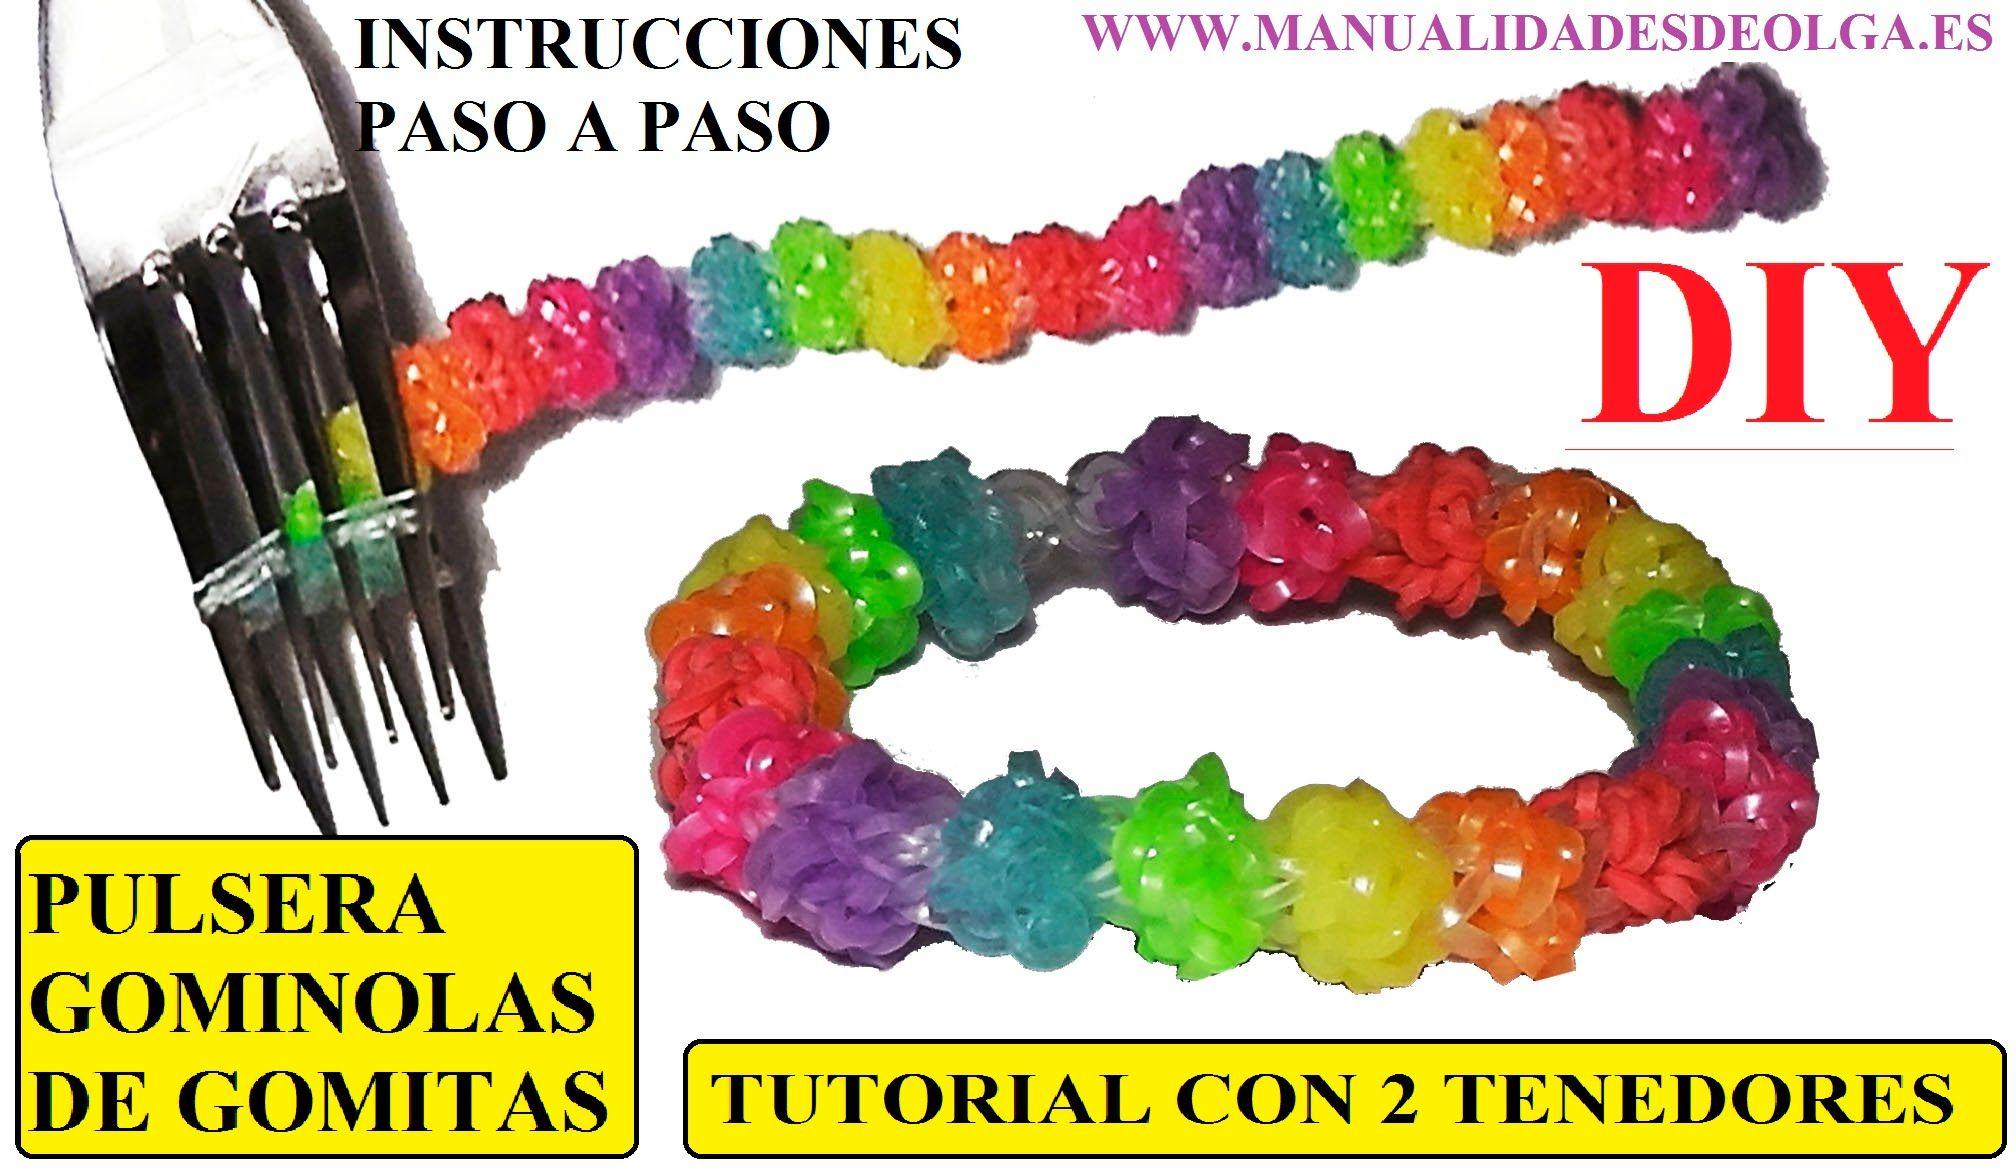 COMO HACER PULSERA GOMINOLAS DE GOMITAS CON 2 TENEDORES GUMDROP II